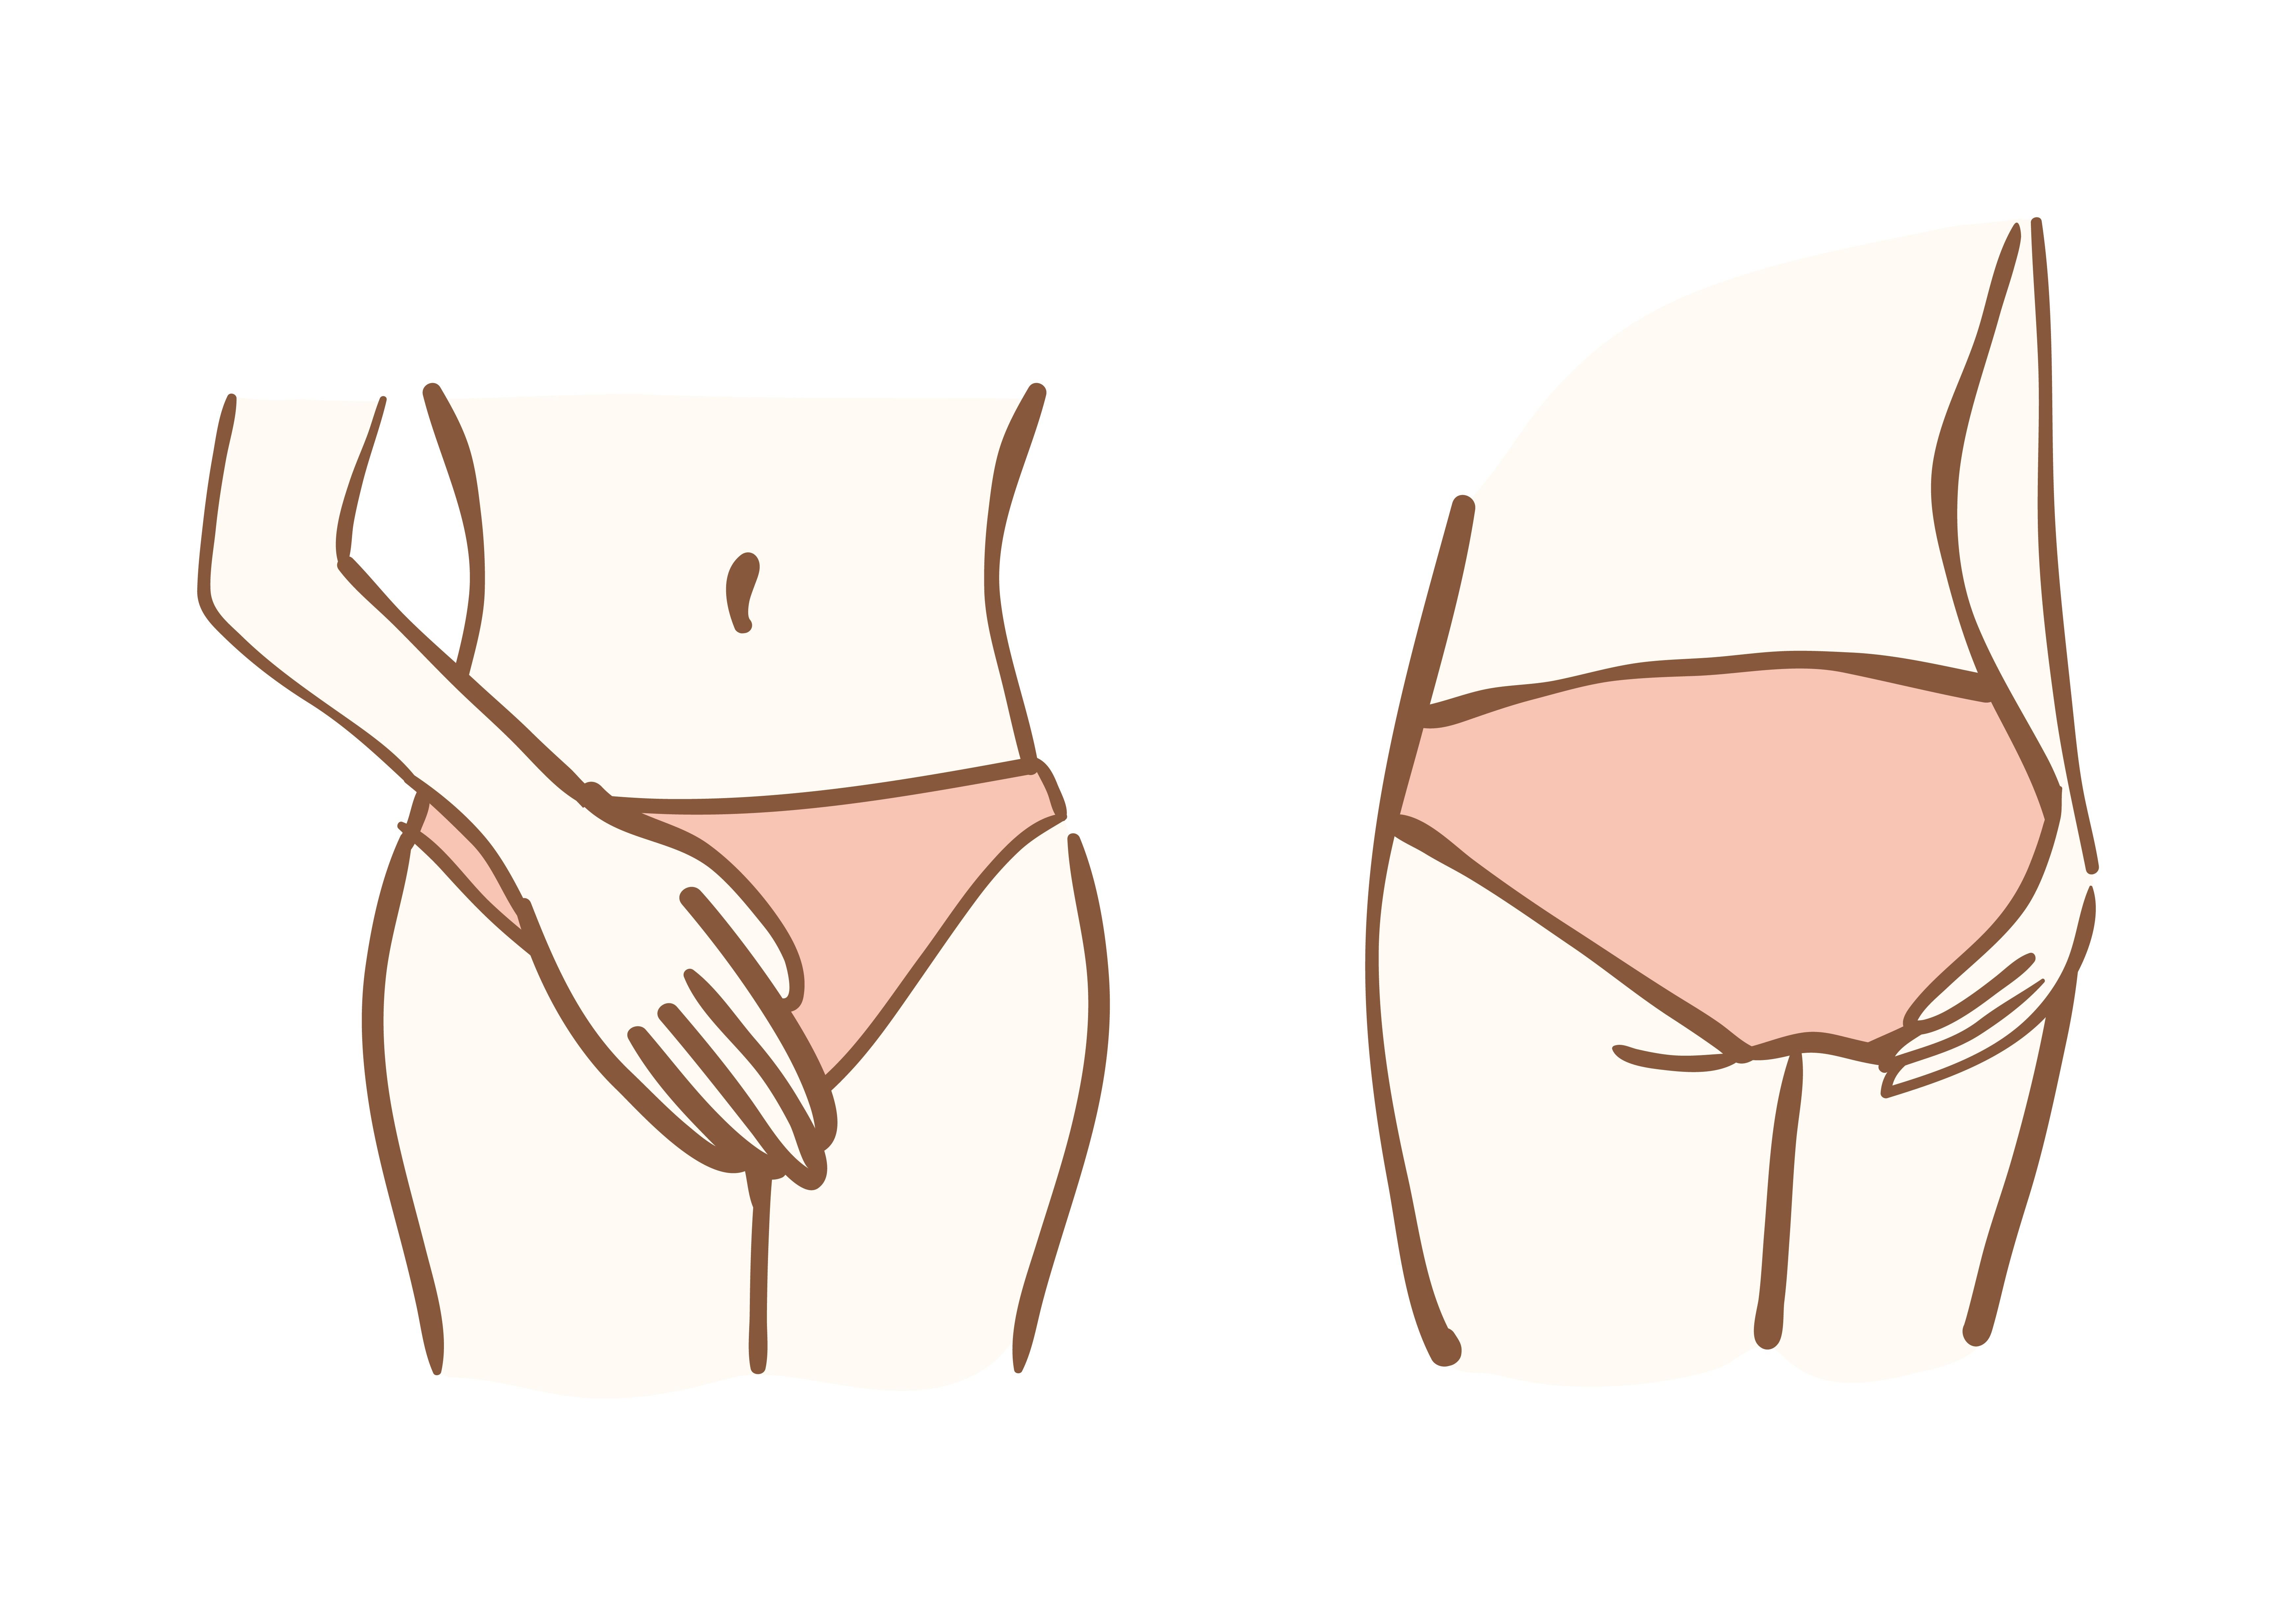 cartoon representing female intimate area